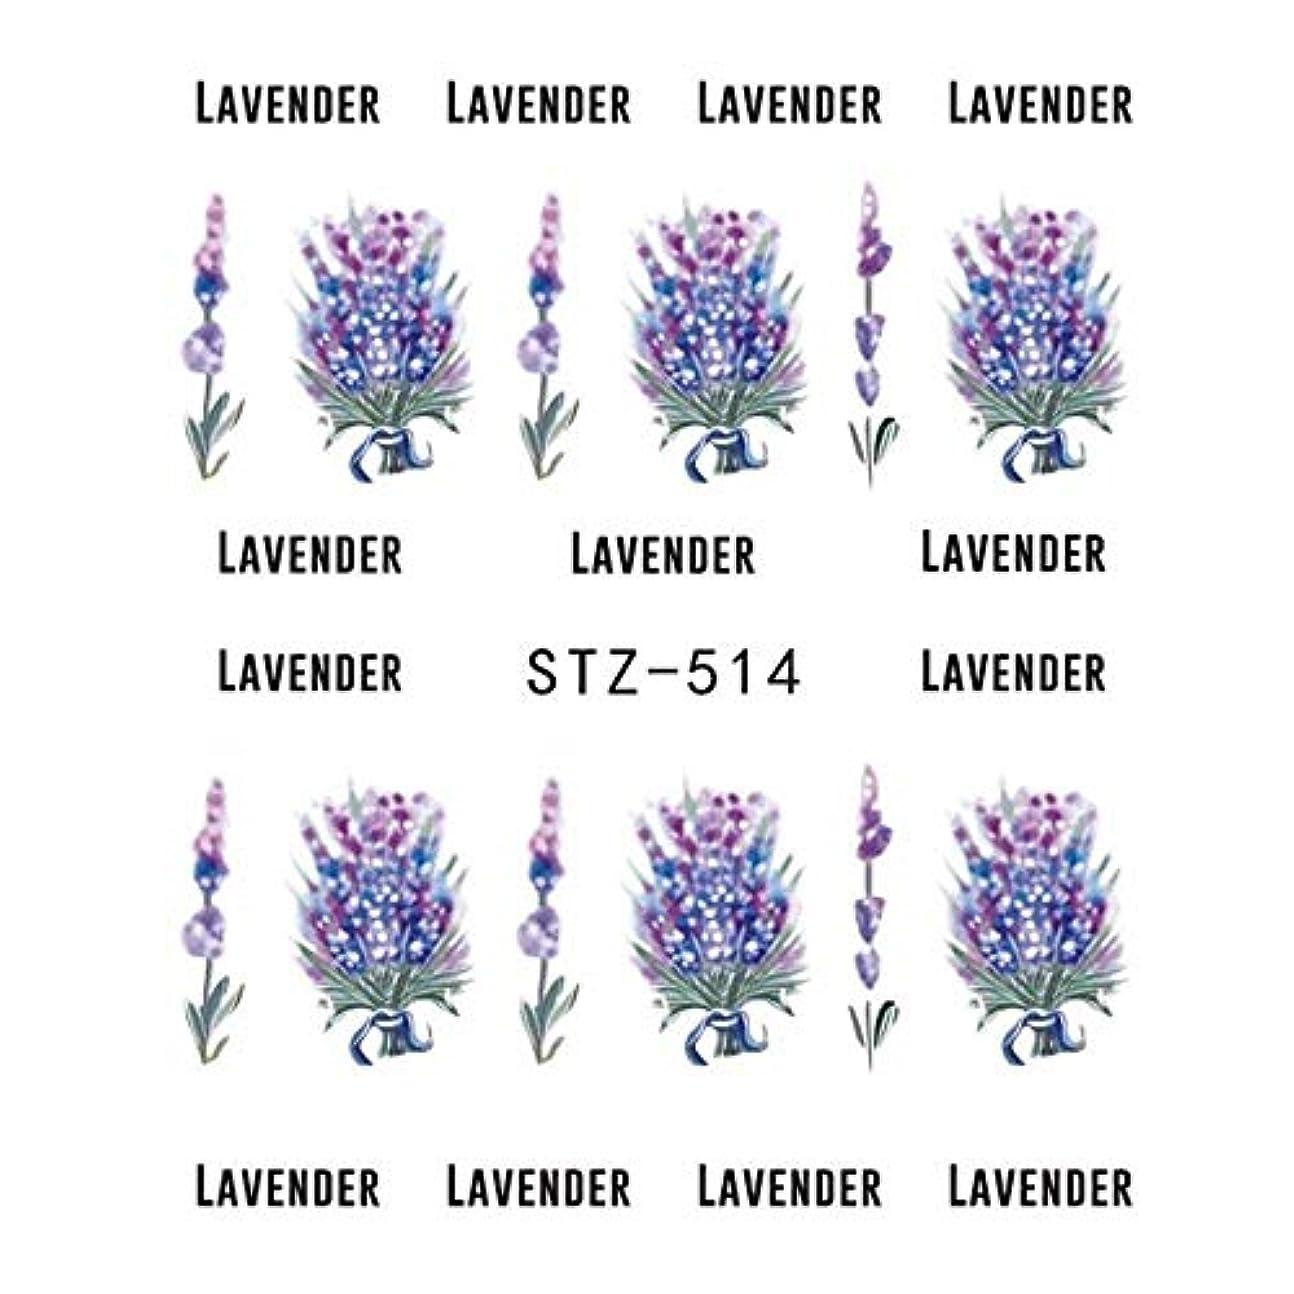 自動車モードリン過言SUKTI&XIAO ネイルステッカー ラベンダーブーケウォーターステッカーネイルアートデコレーション紫咲く花スライド美容ネイルデカール、Stz514